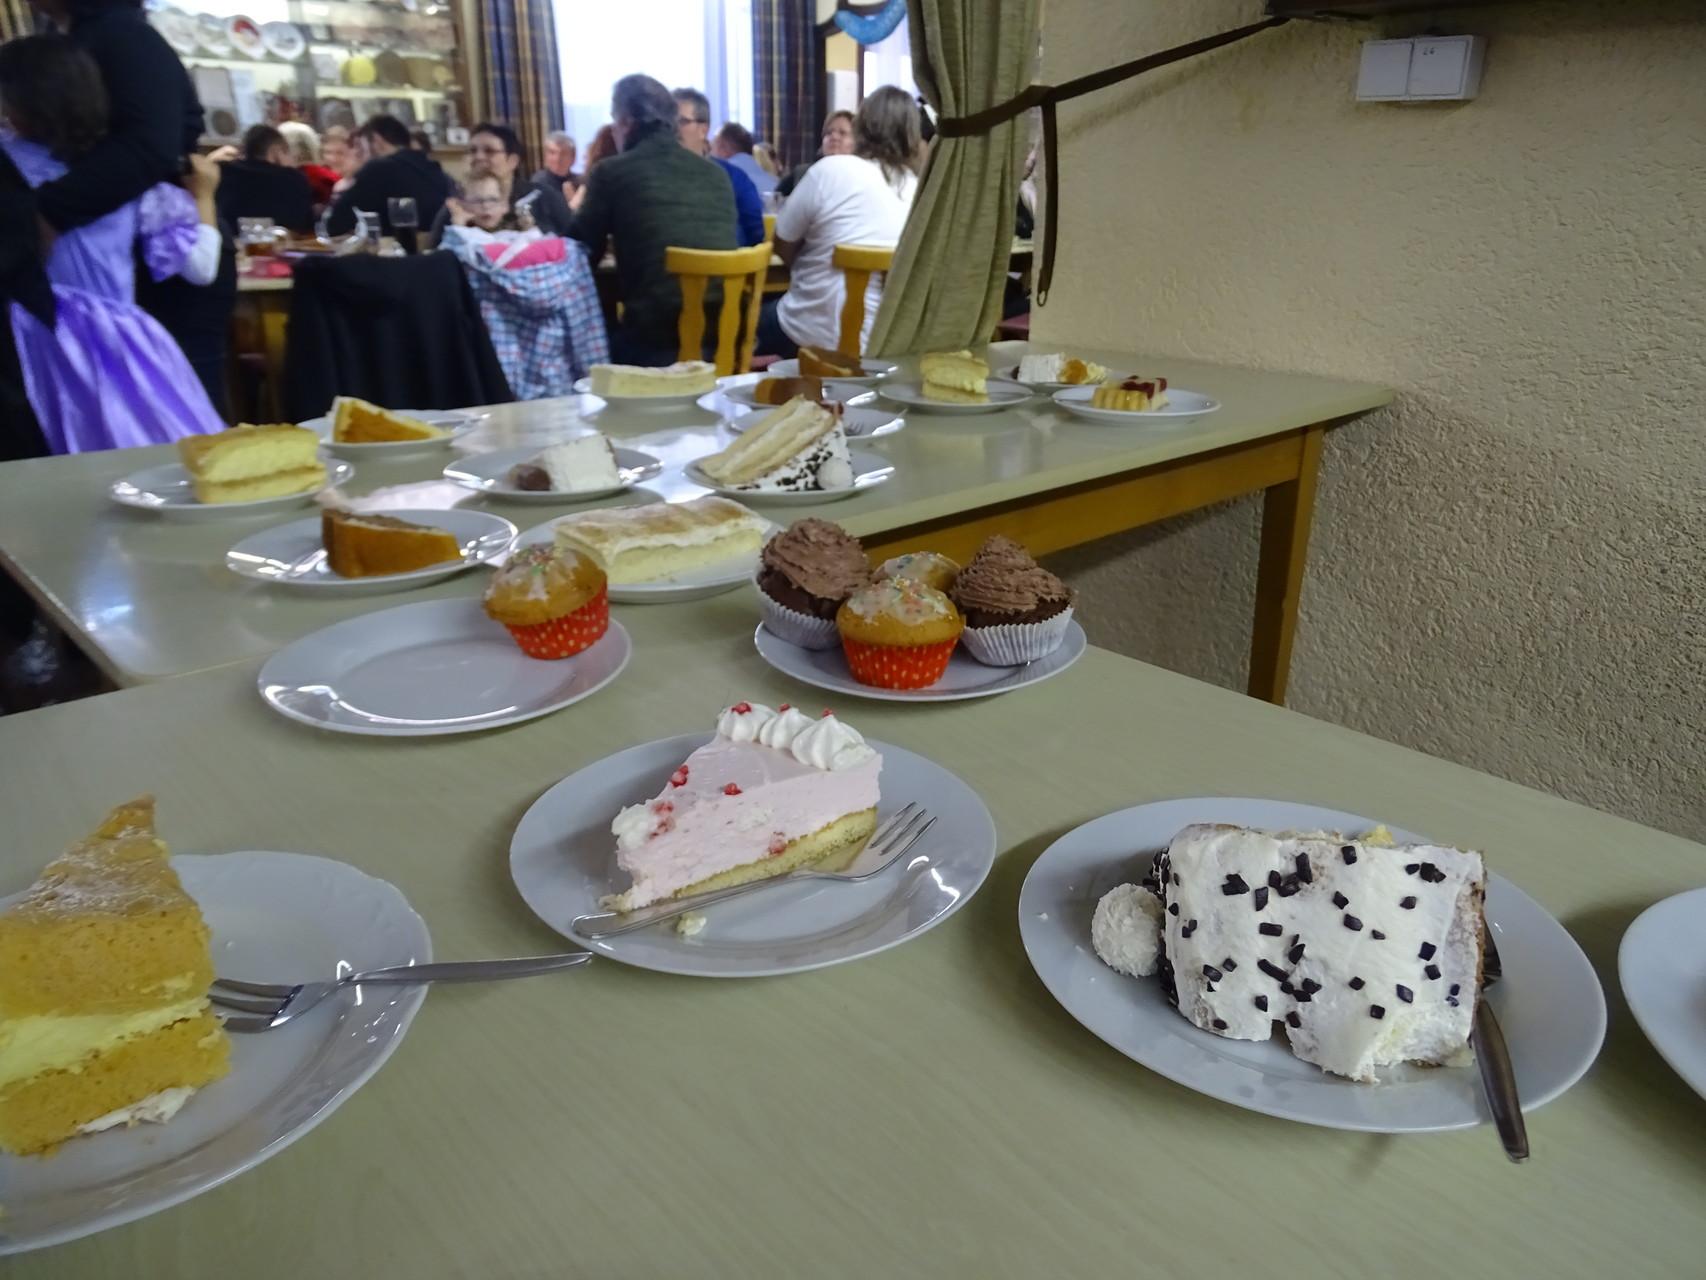 Vielen Dank an die zahlreichen Kuchen- und Tortenbäcker/innen, die diese für den guten Zweck gespendet haben!!!